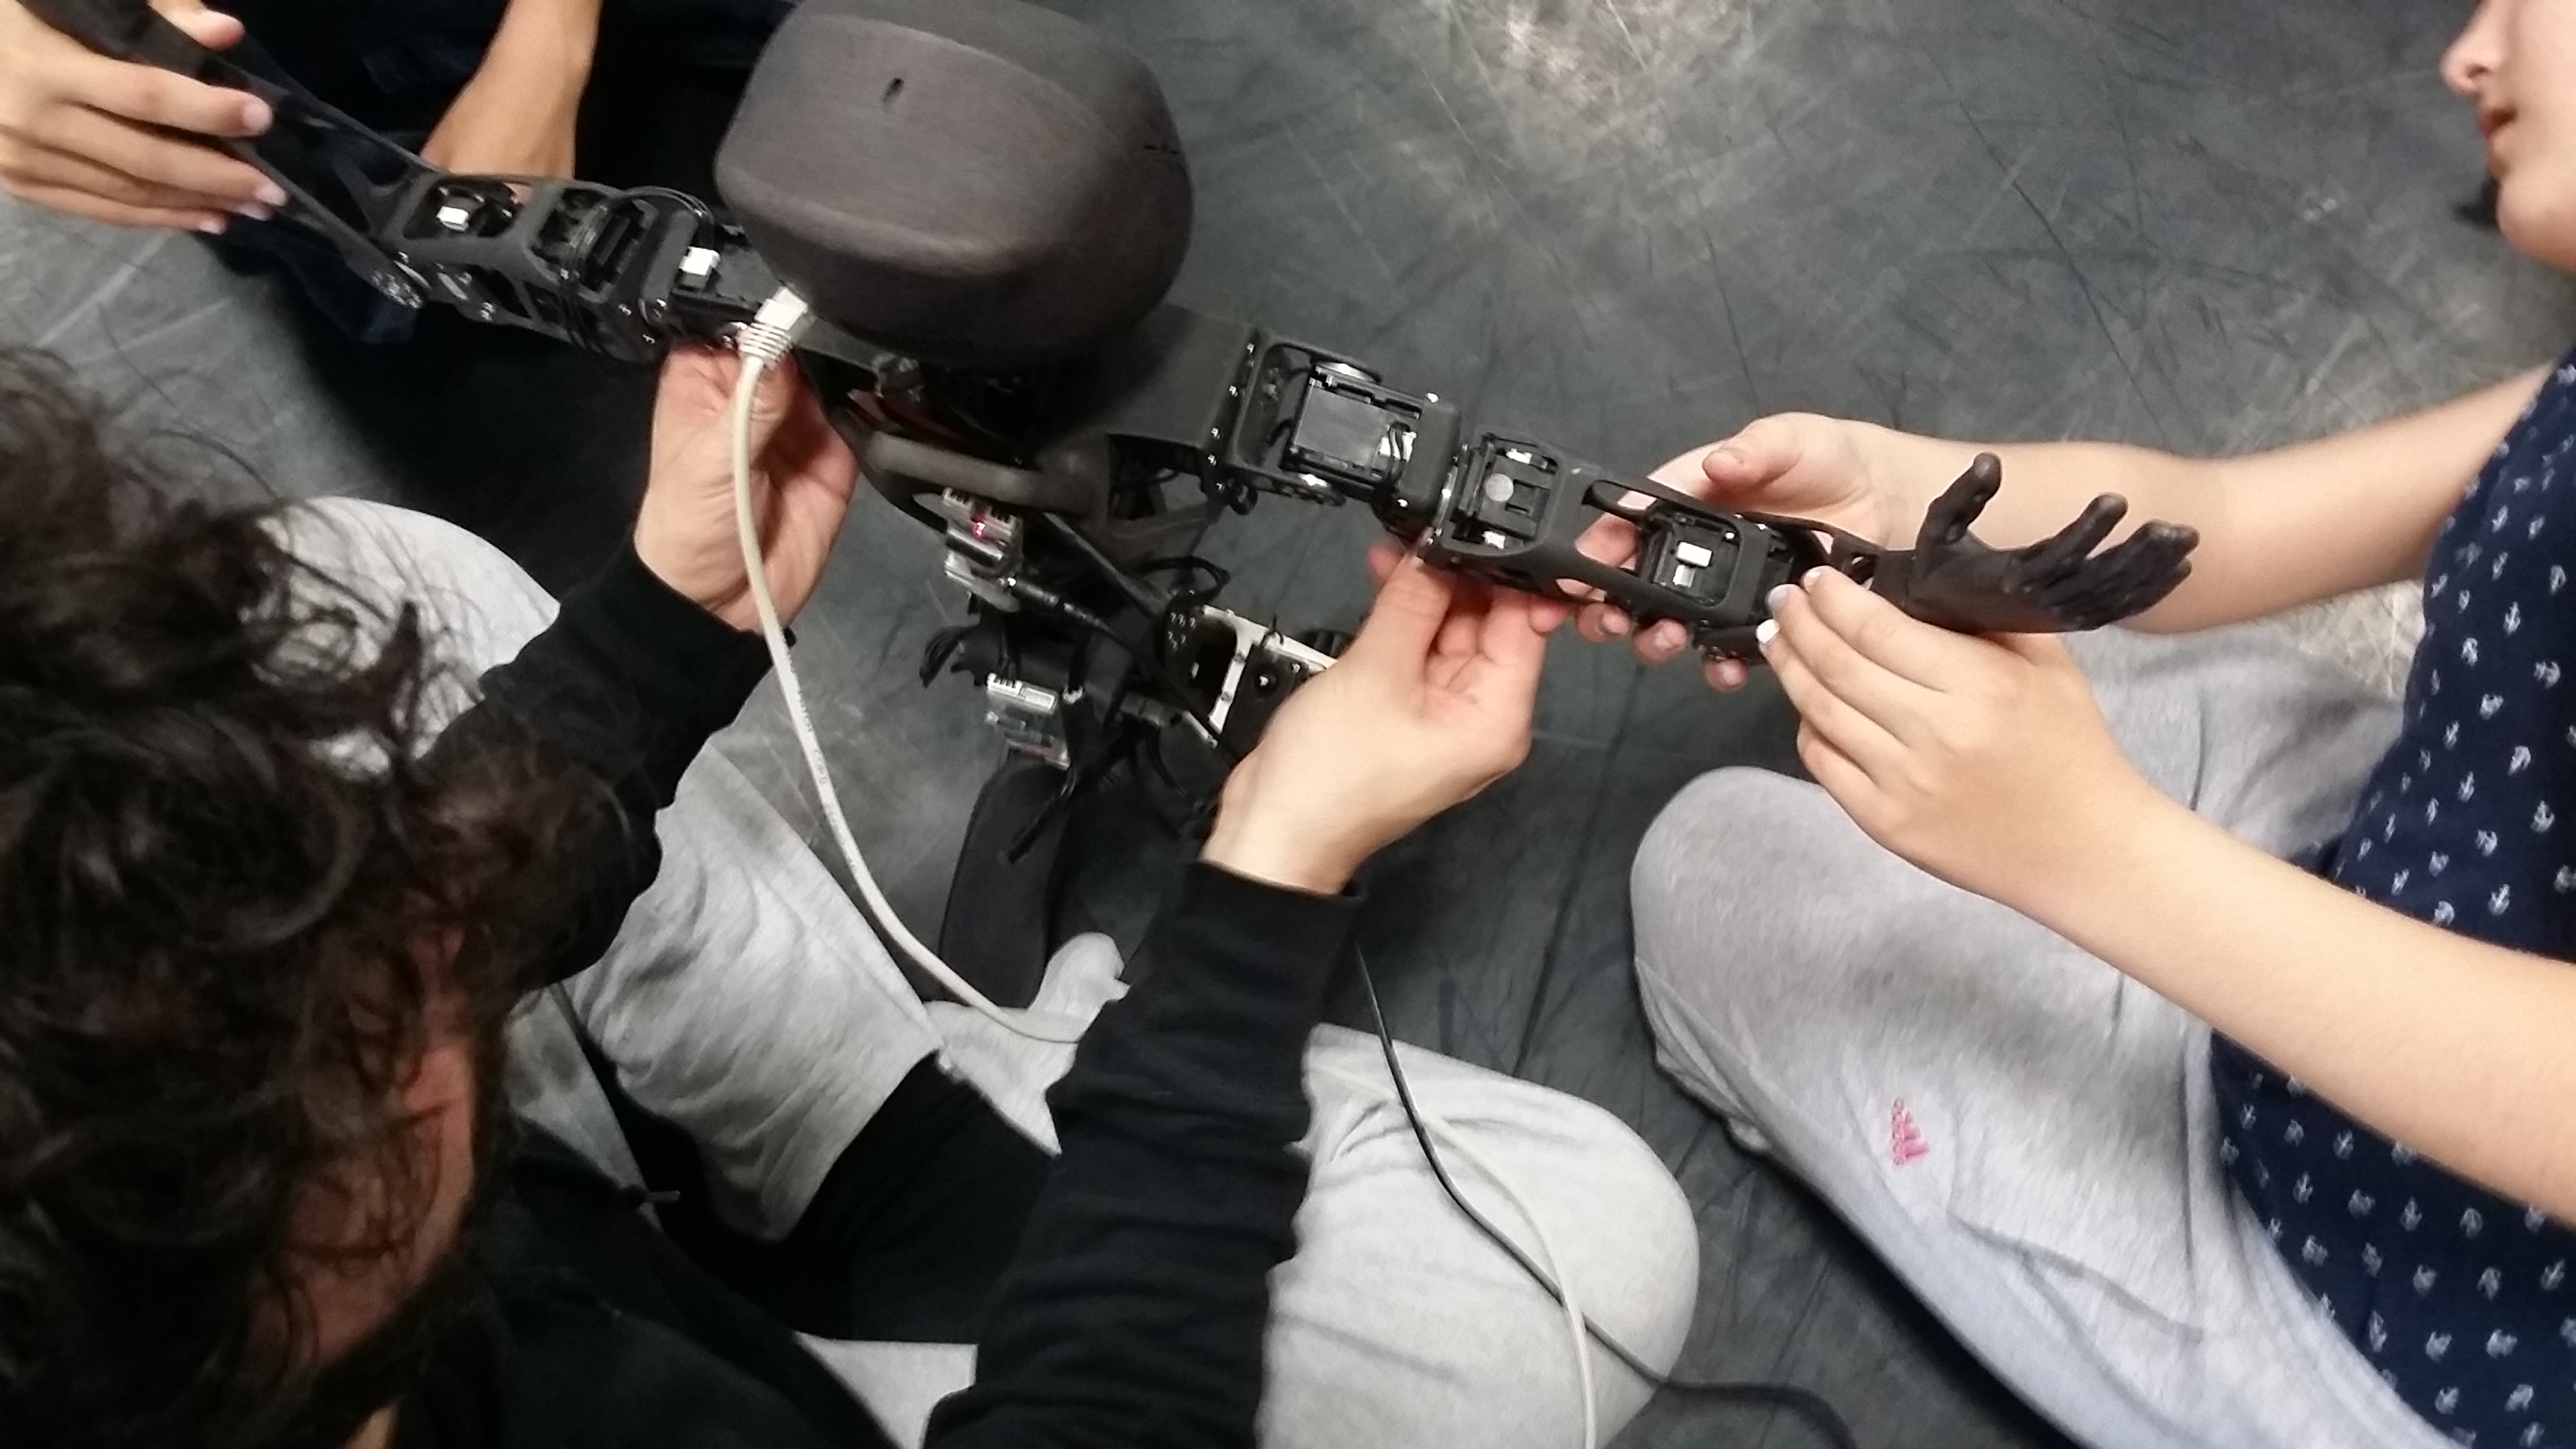 Enfants qui manipulent le robot Poppy Torso